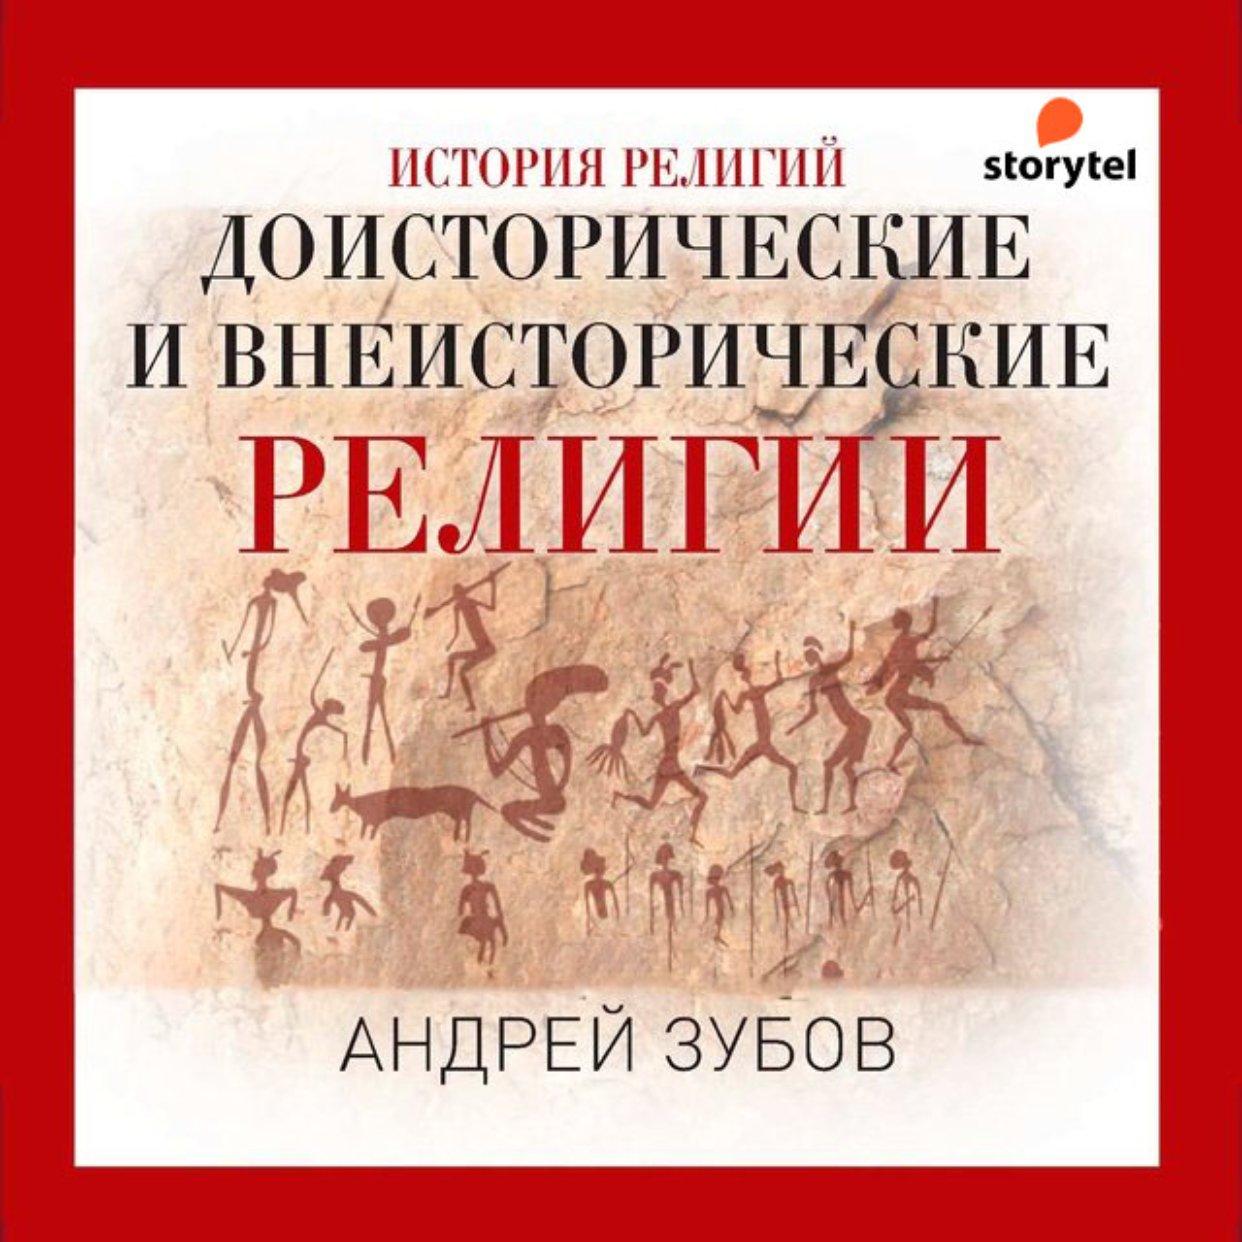 Доисторические и внеисторические религии